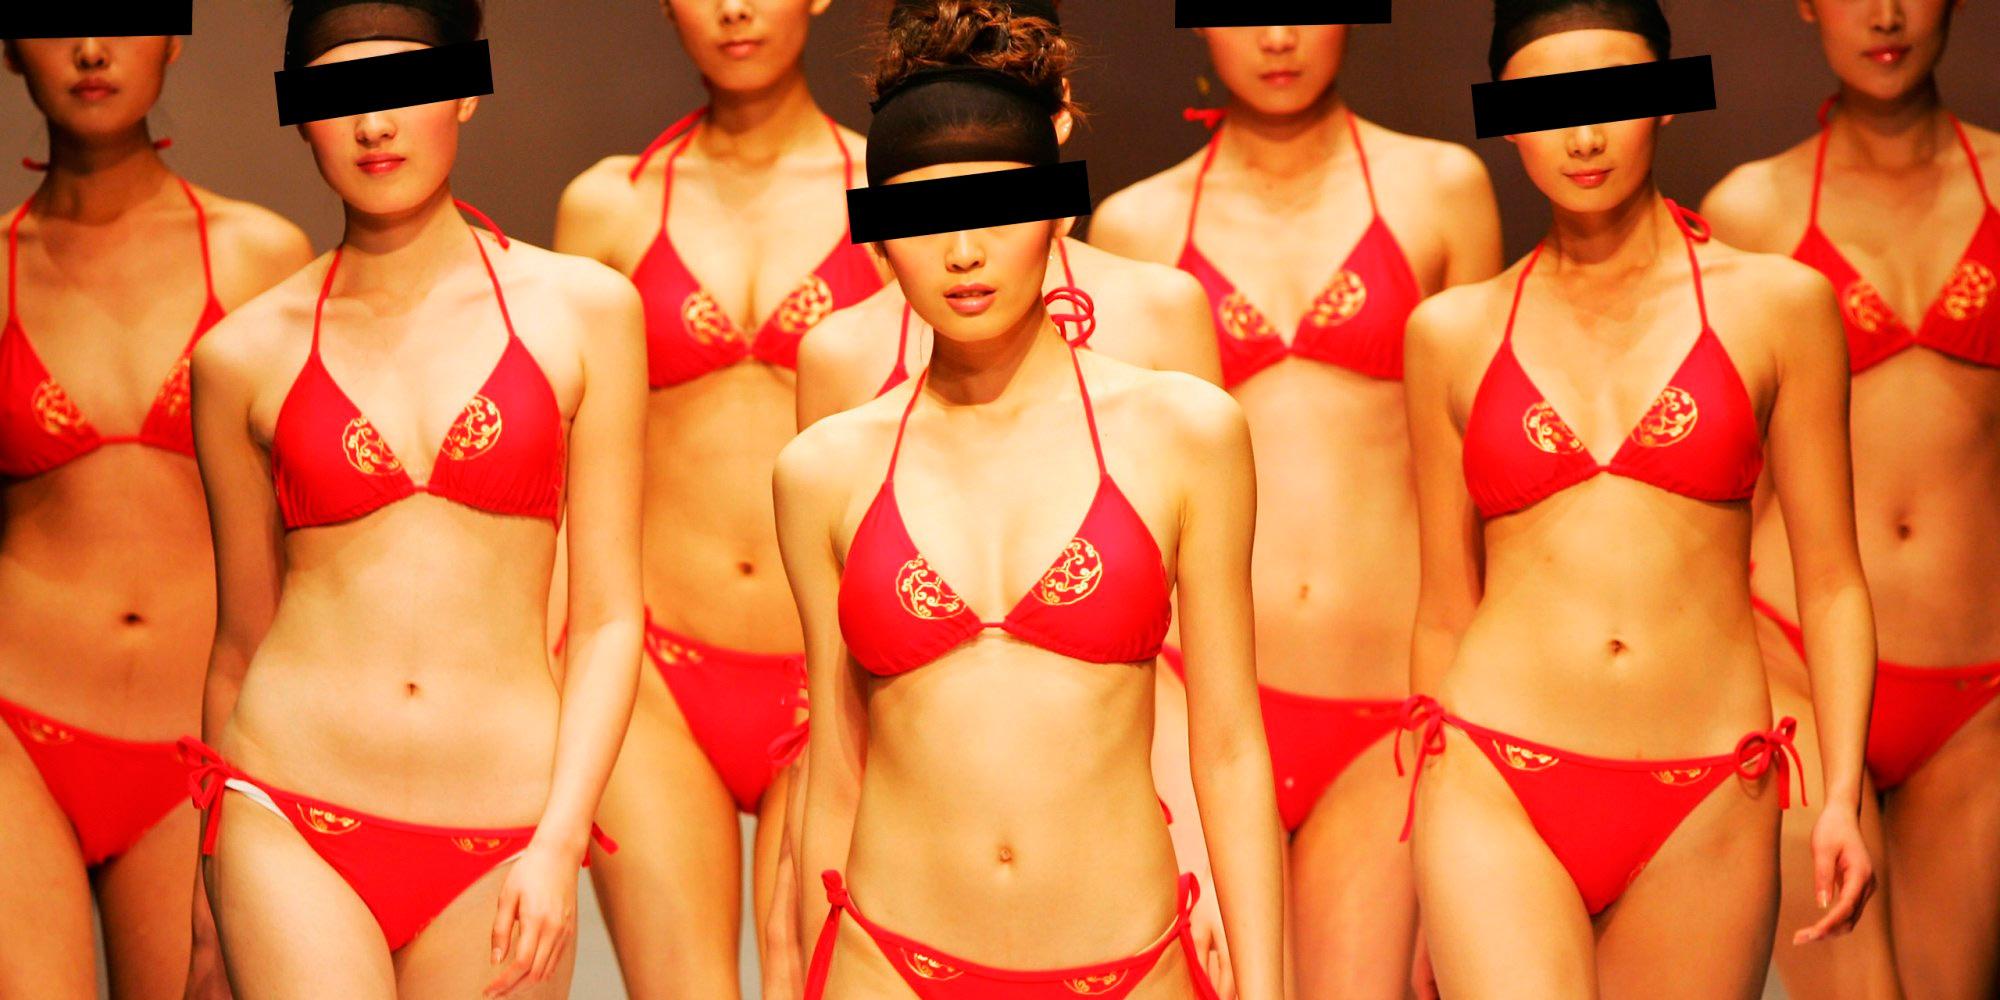 Chinese Sirens - Beautiful Chinese Women Chinese girl fashion models